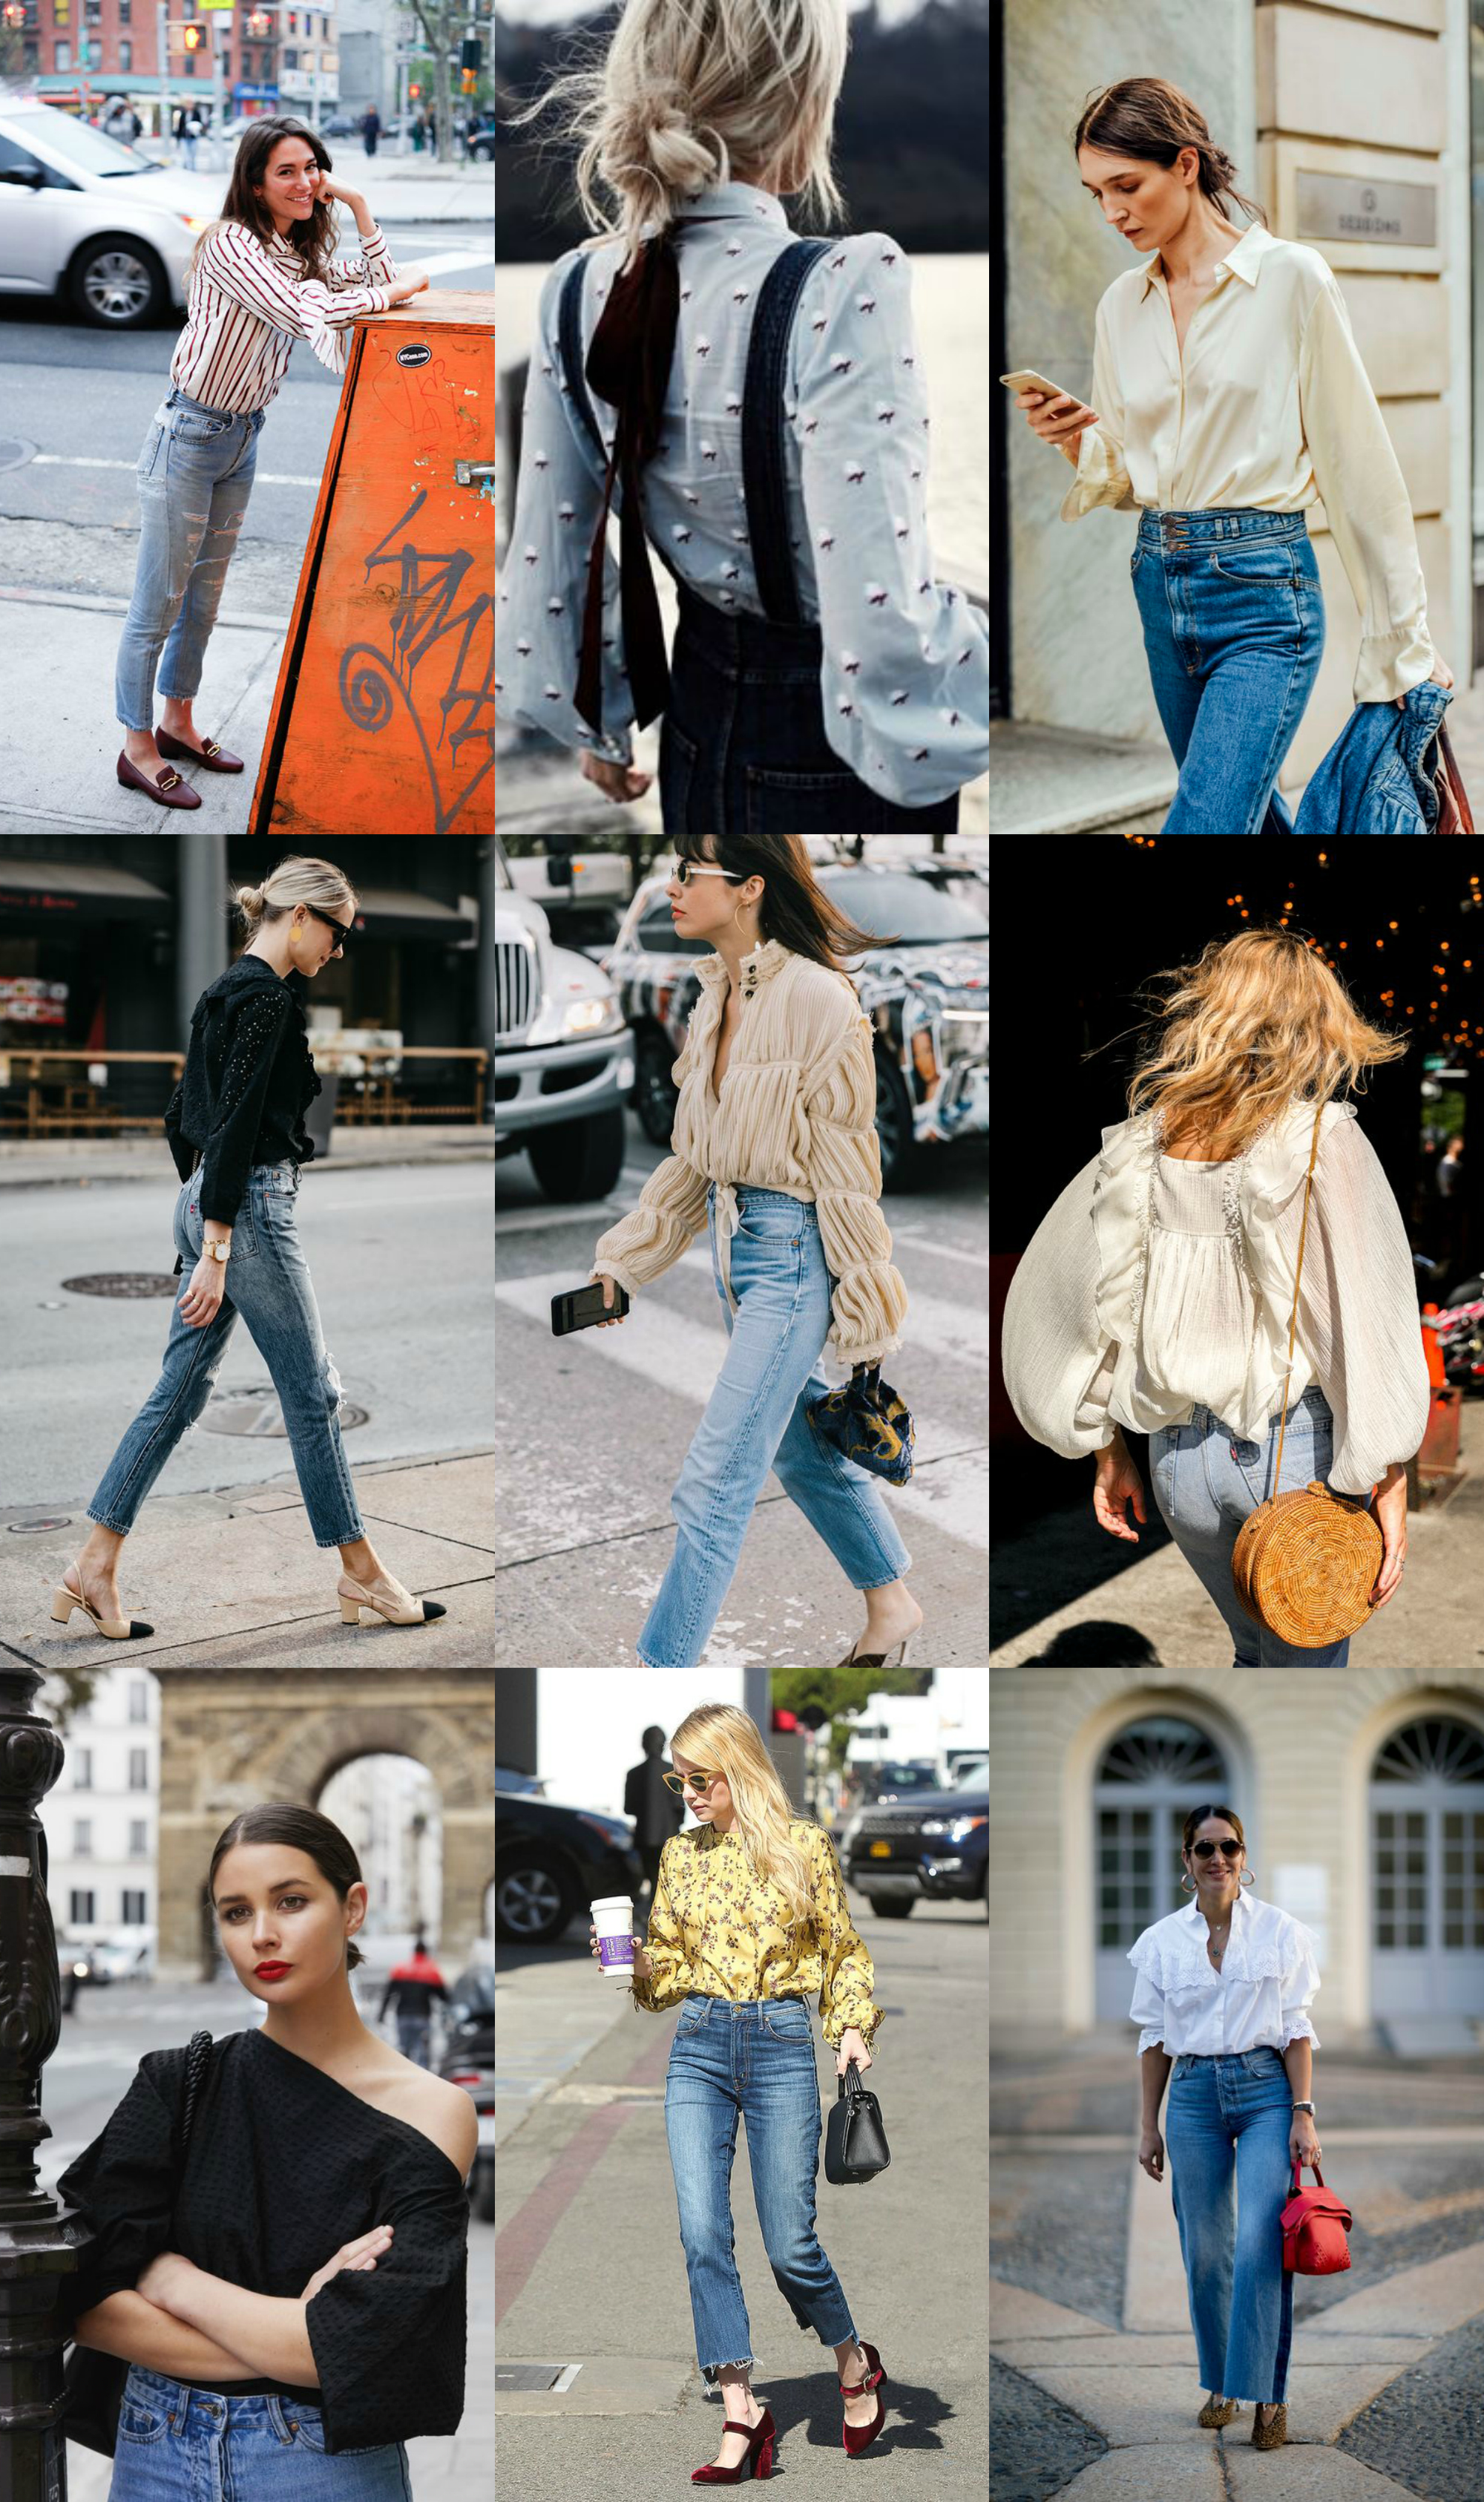 blouse.jpg